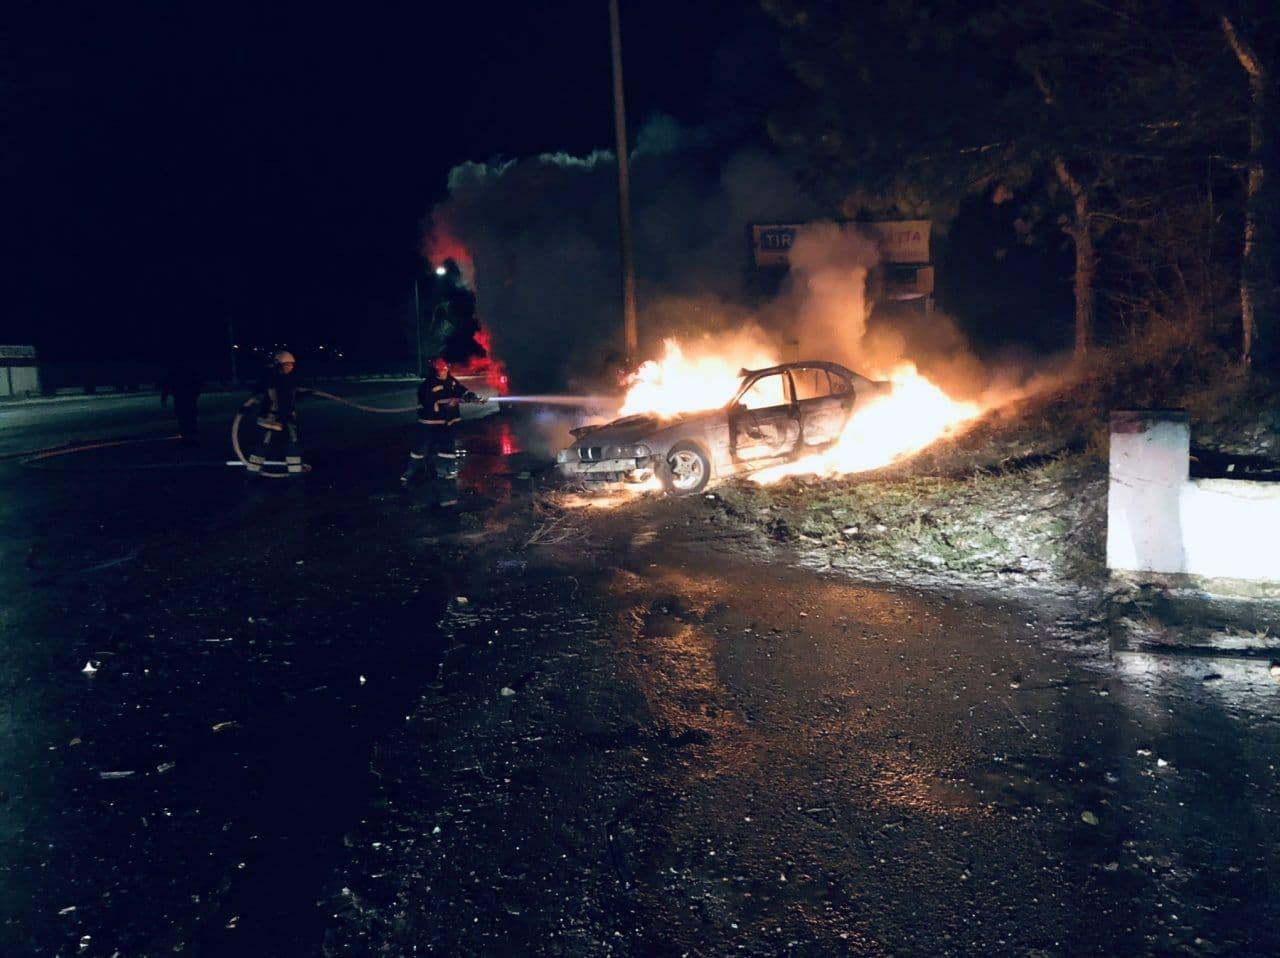 ВКишиневе врезультате ДТП сгорел автомобиль. Погиб один человек (ФОТО) (ОБНОВЛЕНО)